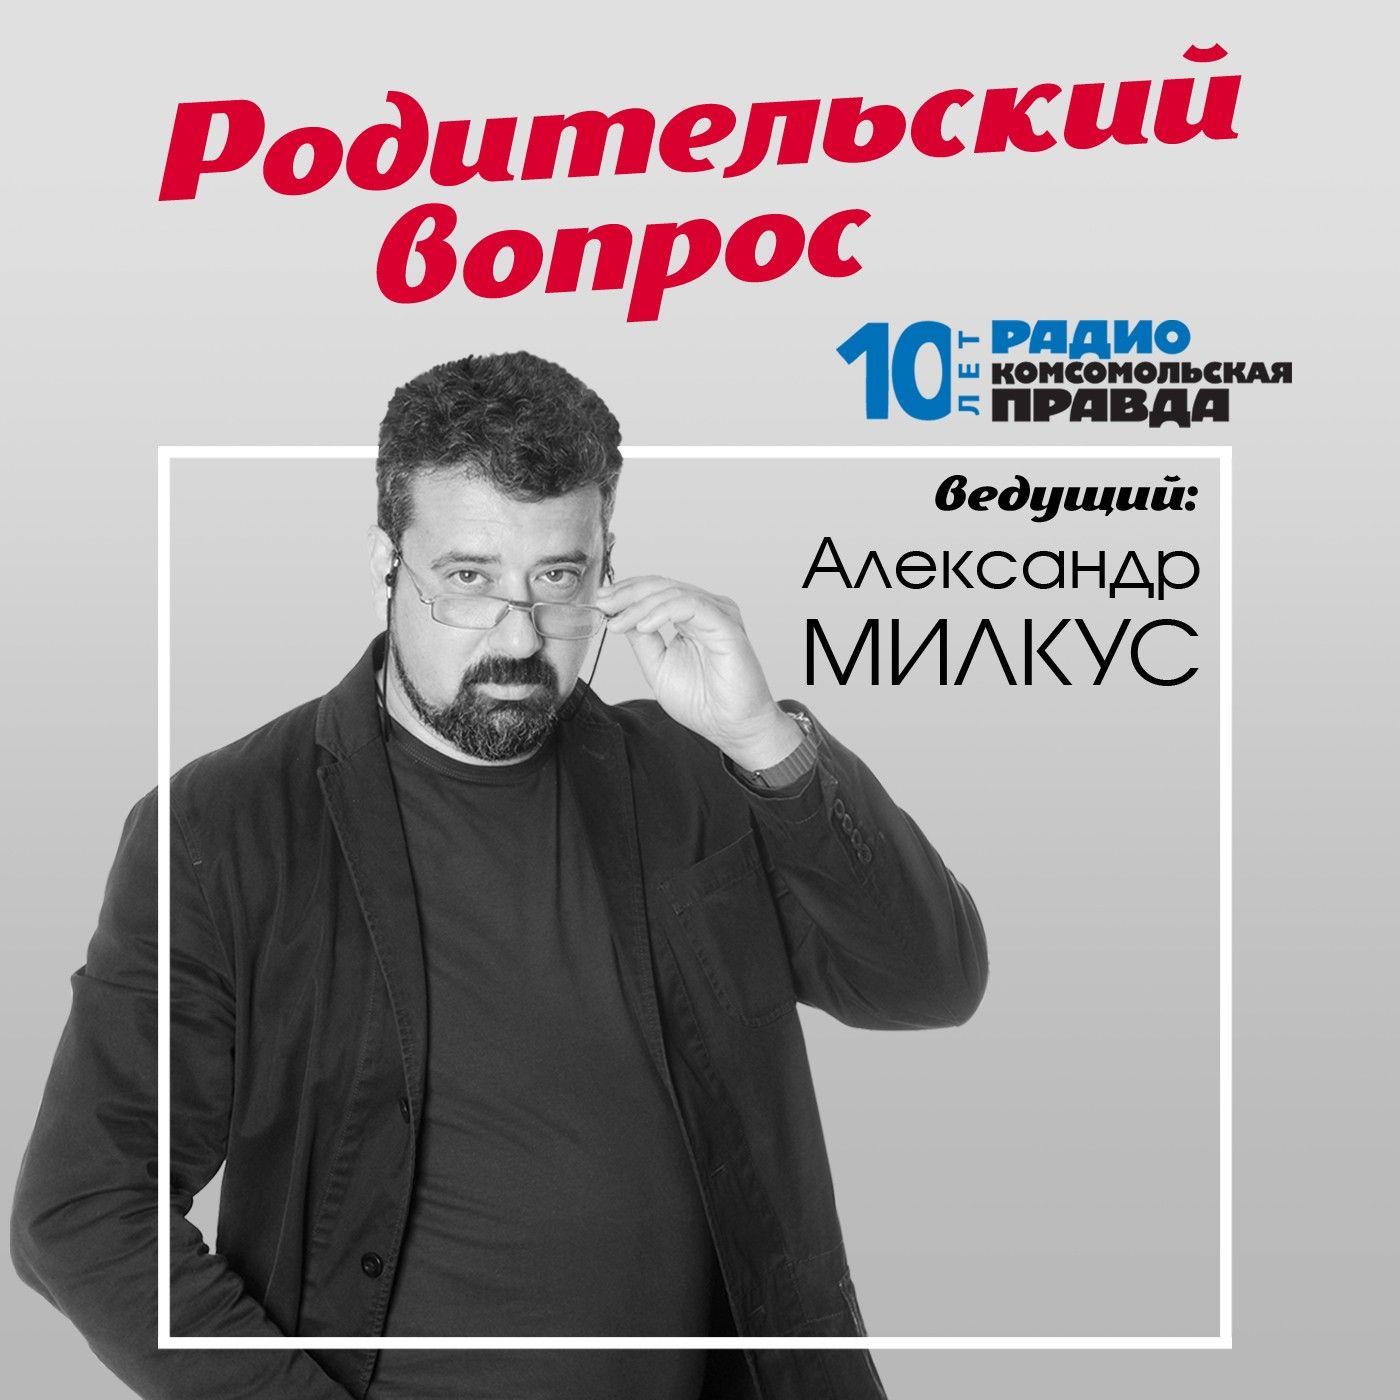 Радио «Комсомольская правда» Как правильно злиться на ребенка радио комсомольская правда в какую секцию отдать ребенка